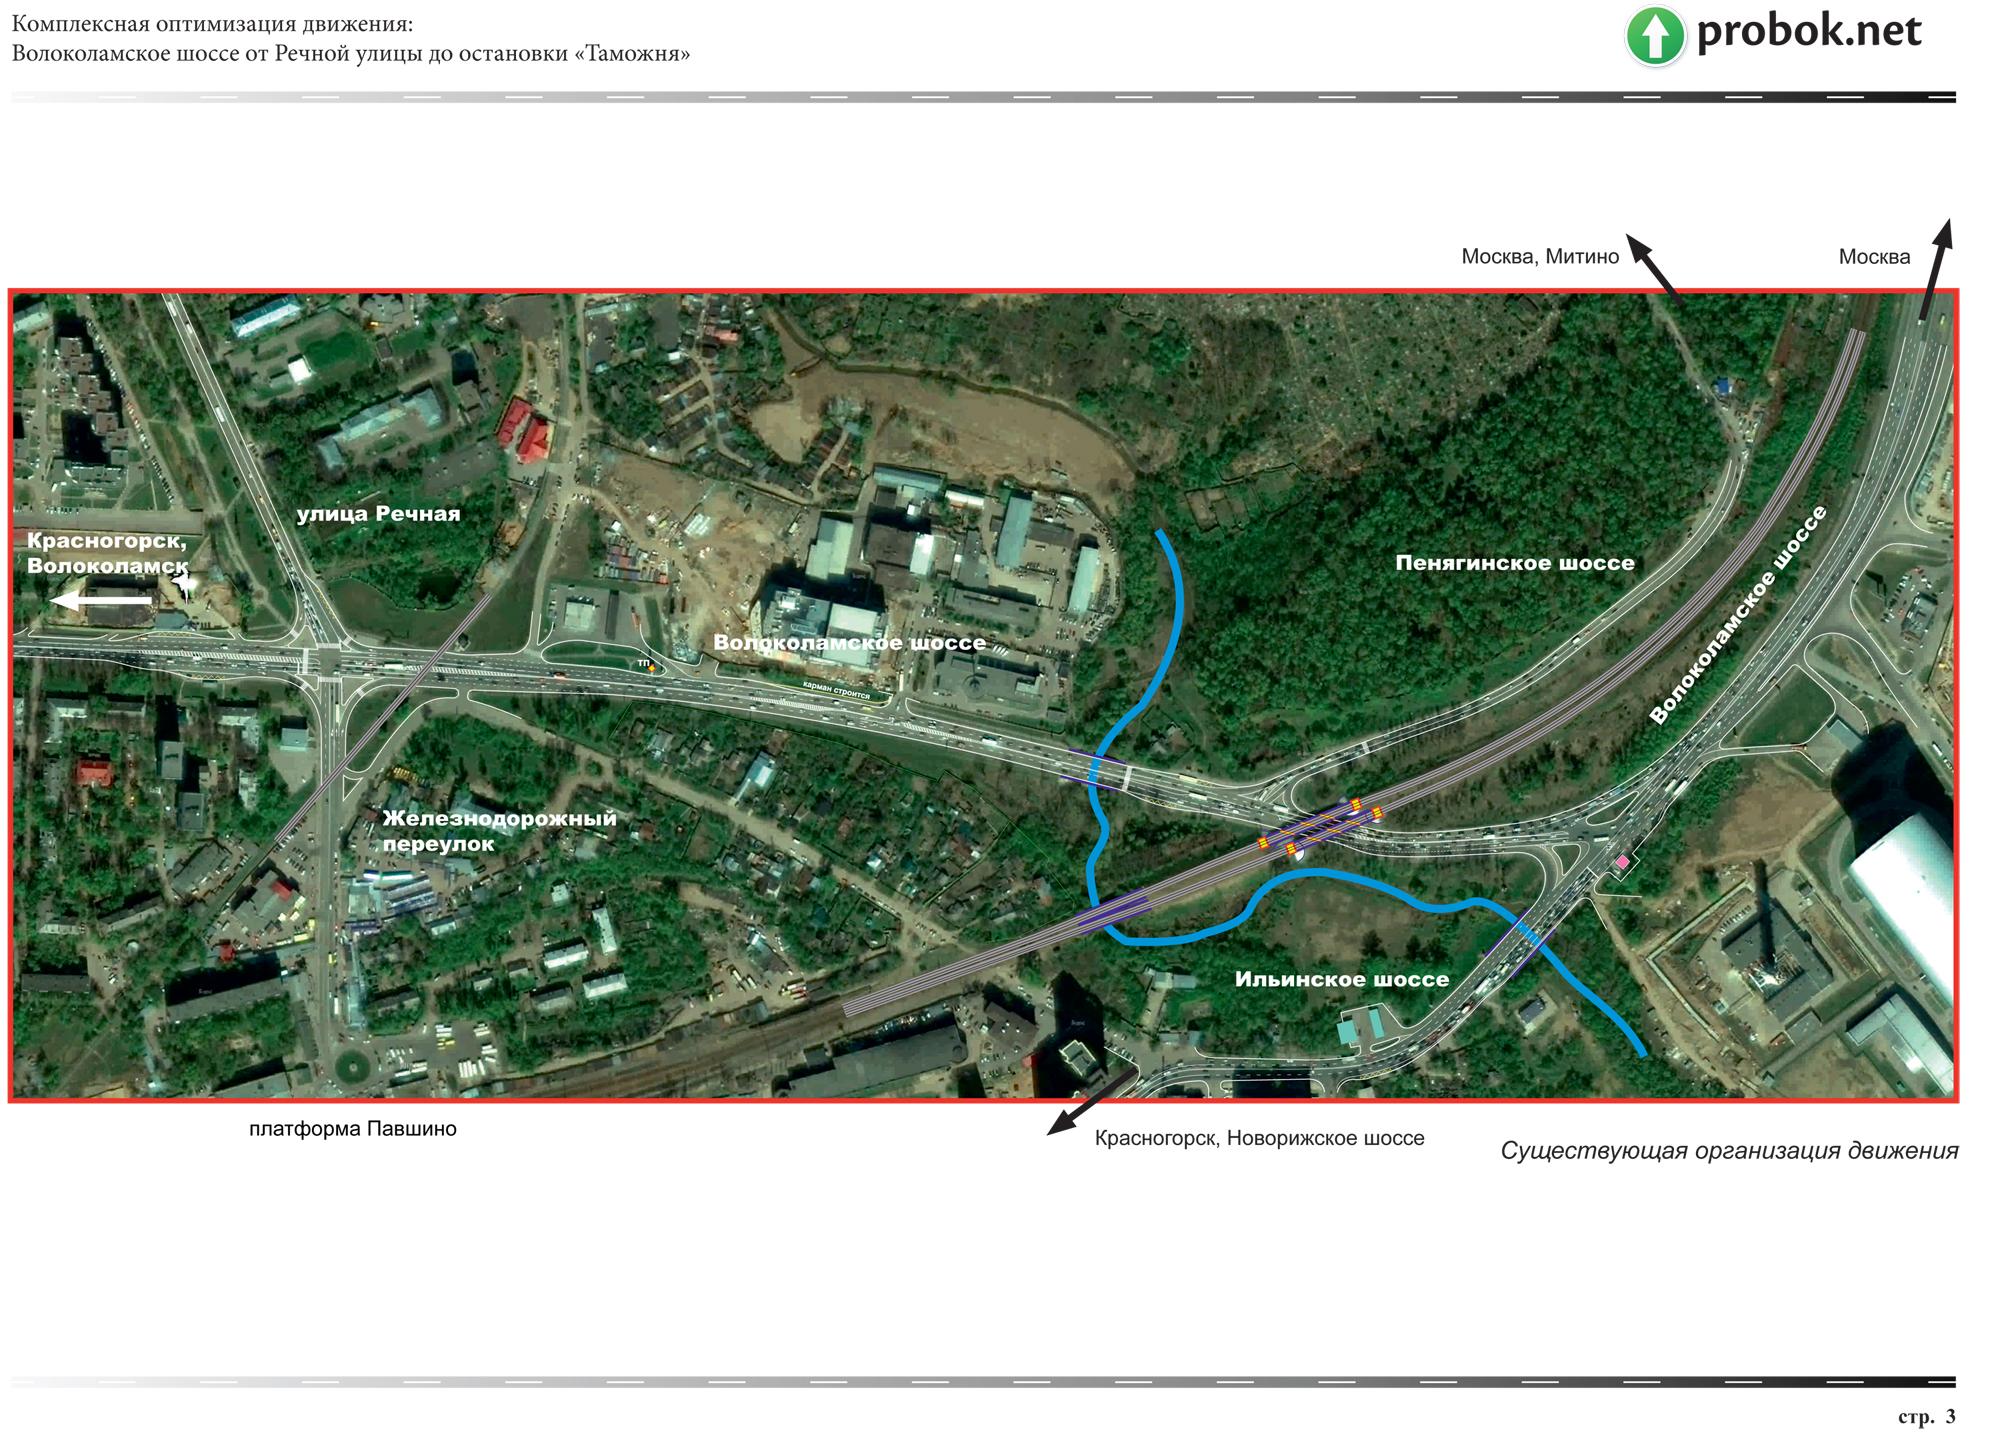 Реконструкция новорижского шоссе схема фото 478